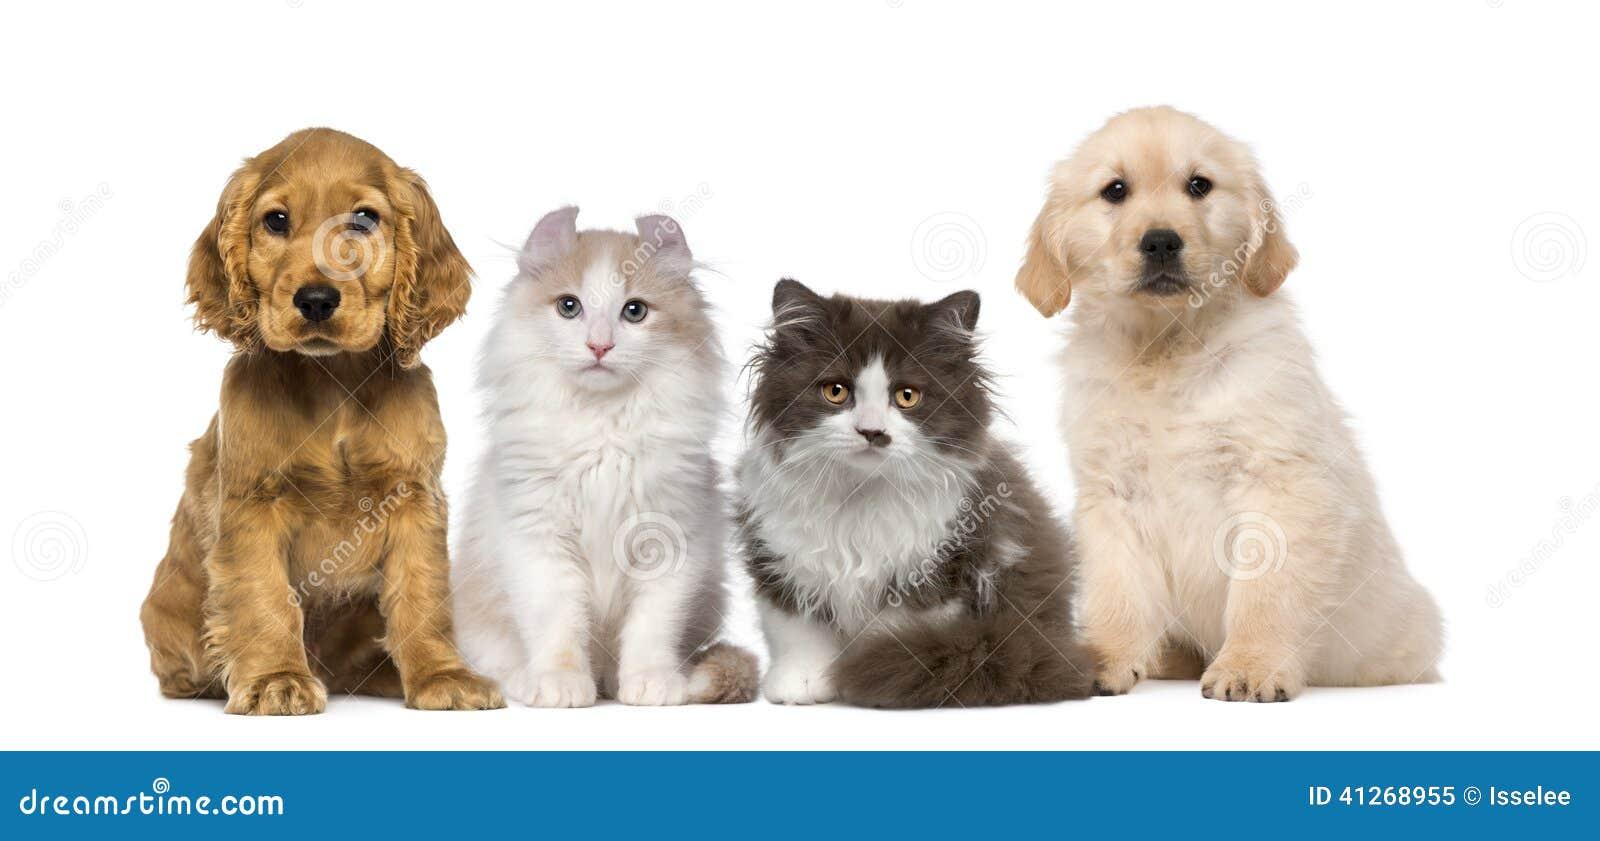 download comp 小组宠物:在白色和小狗在未加工隔绝的小猫 照片拍摄图片